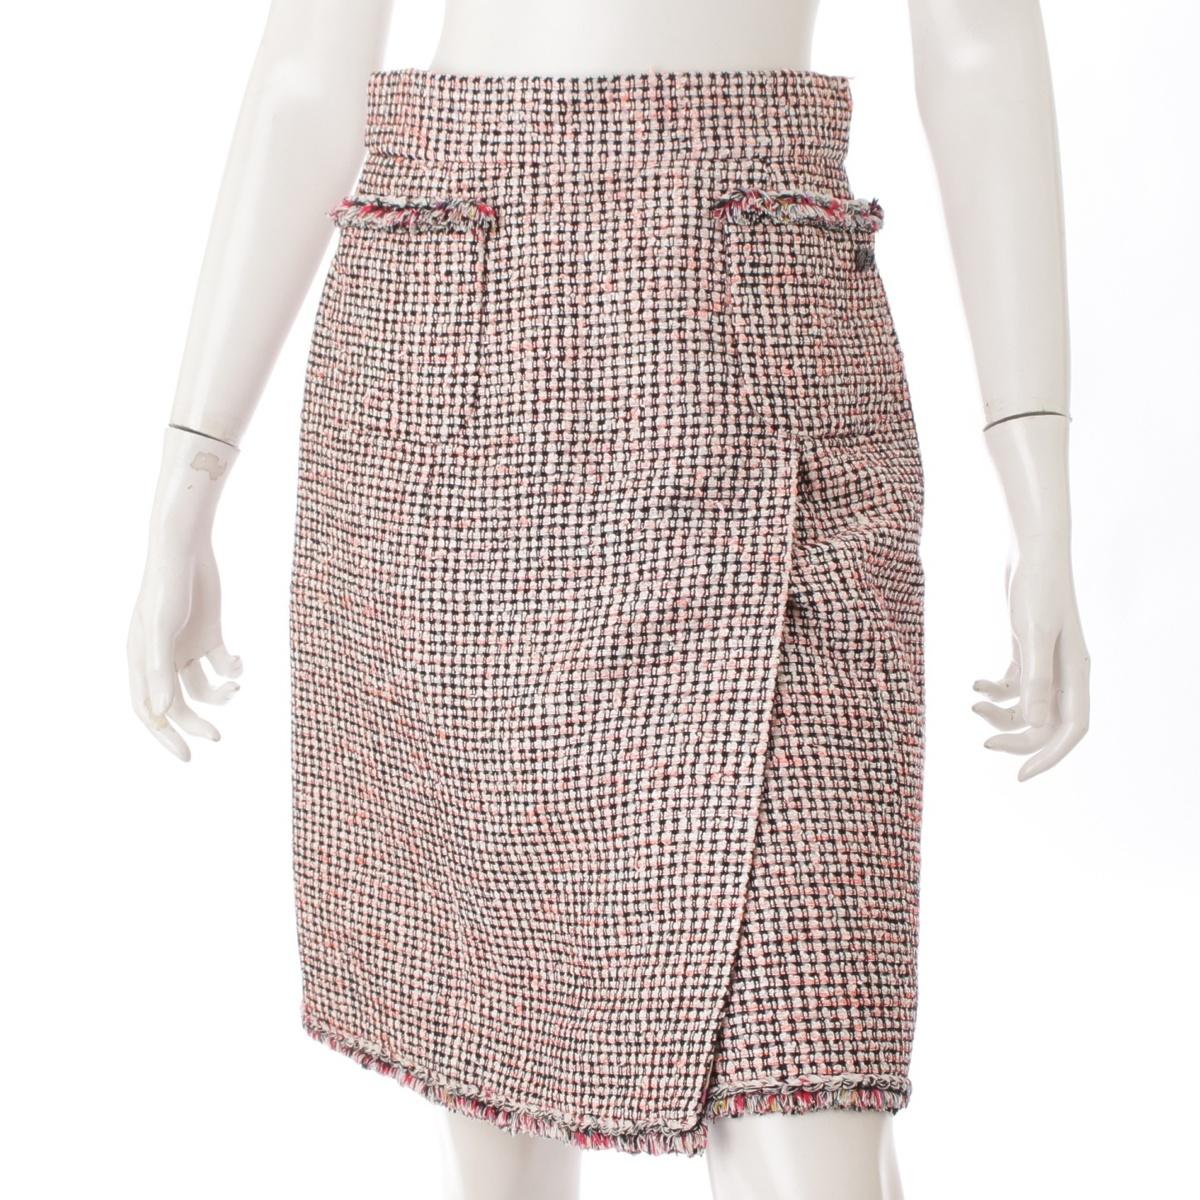 【シャネル】Chanel 11P ココマーク ツイードスカート P41005 ピンク 38 【中古】【鑑定済・正規品保証】57412